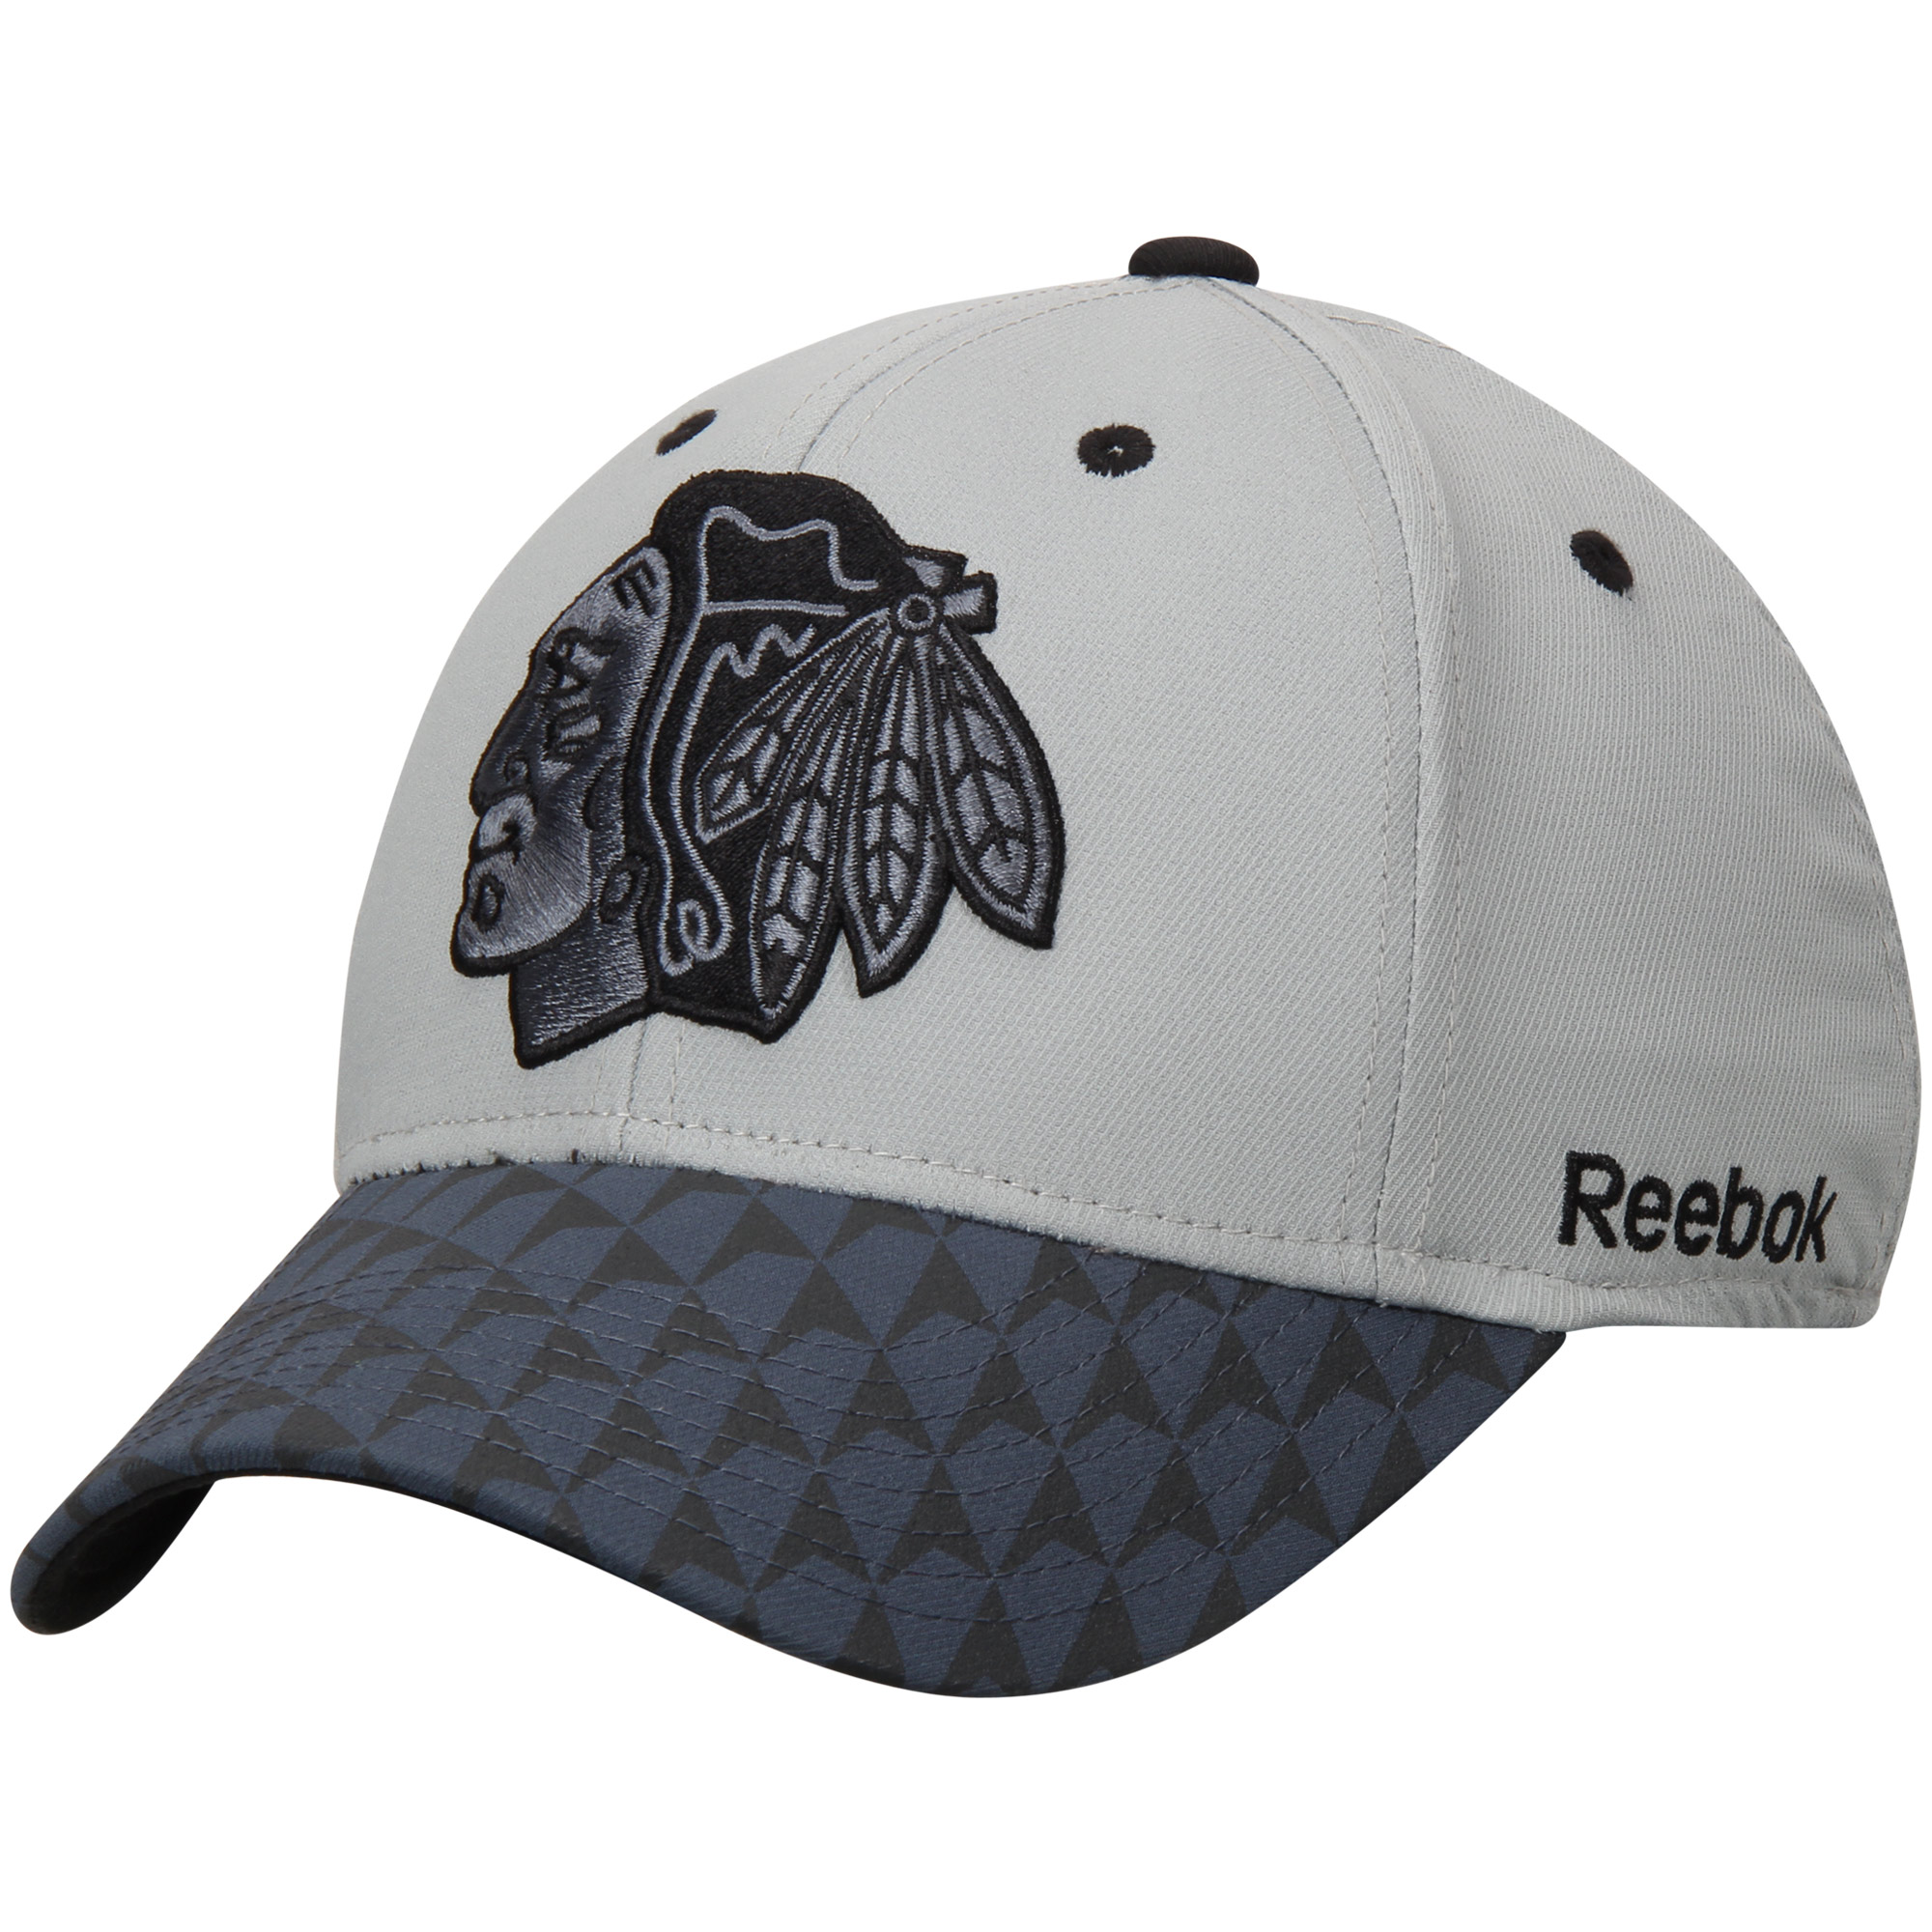 Chicago Blackhawks Reebok Crosscheck 2-Tone Structured Flex Hat - Gray